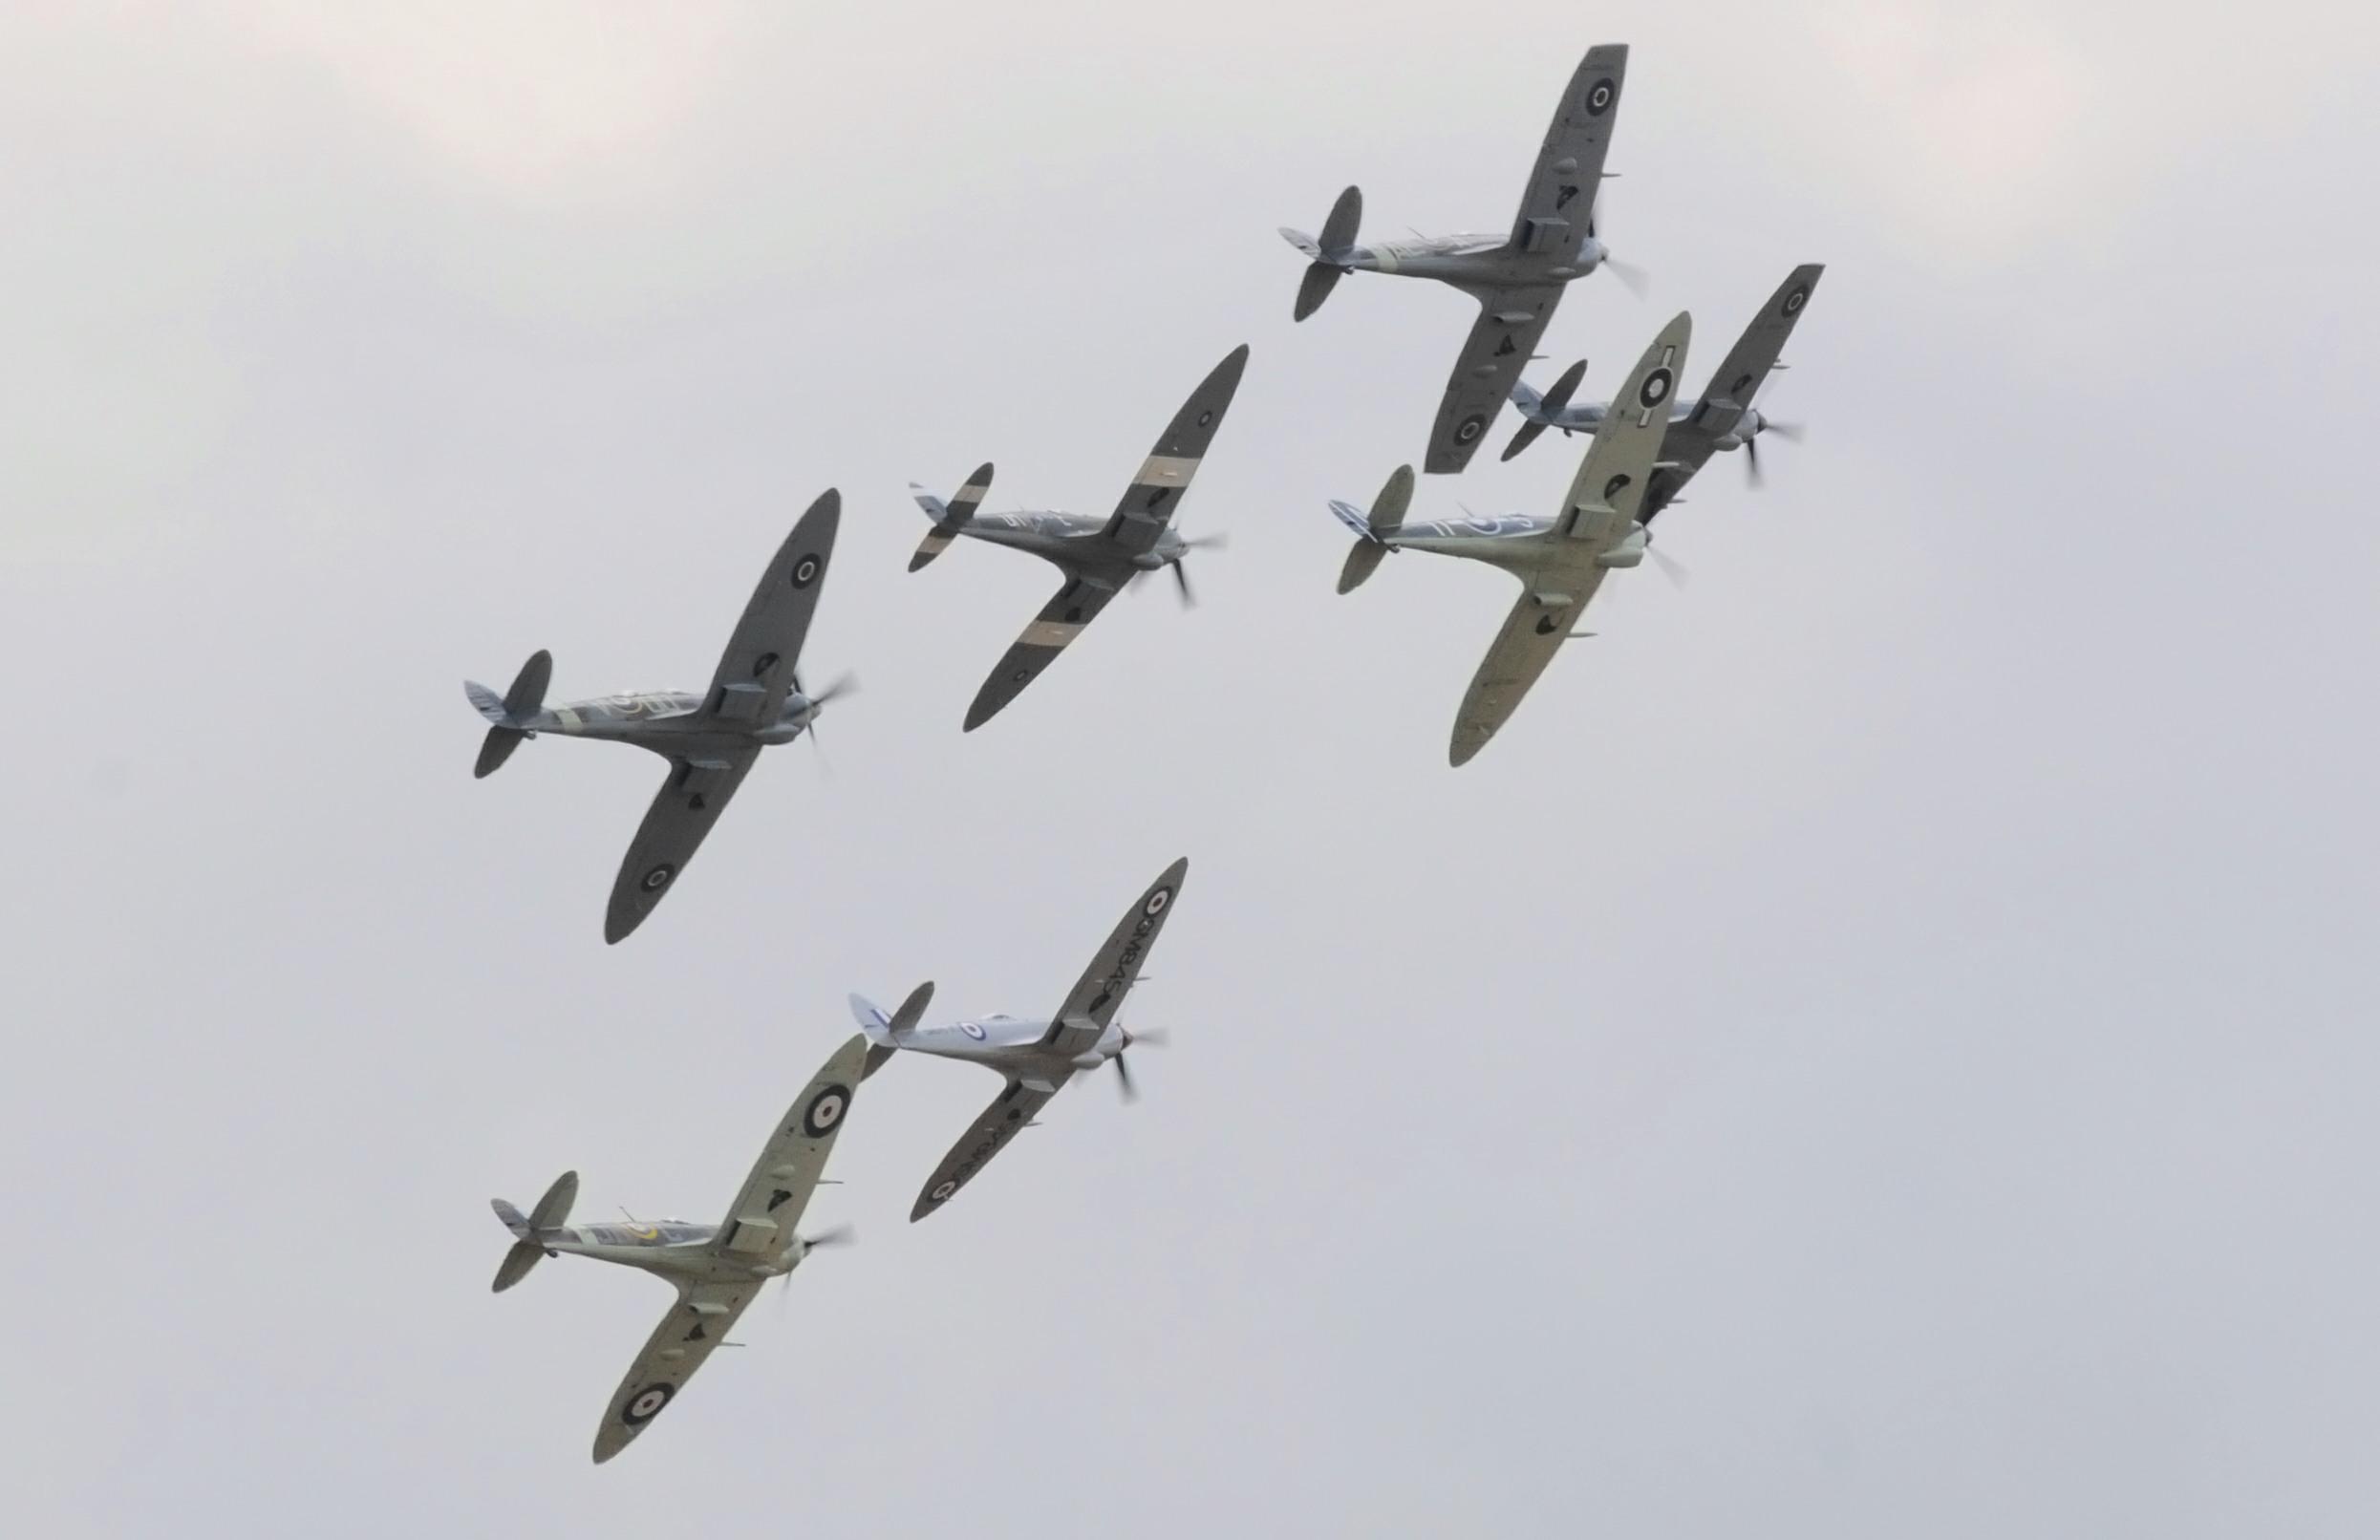 A sky full of Spitfires